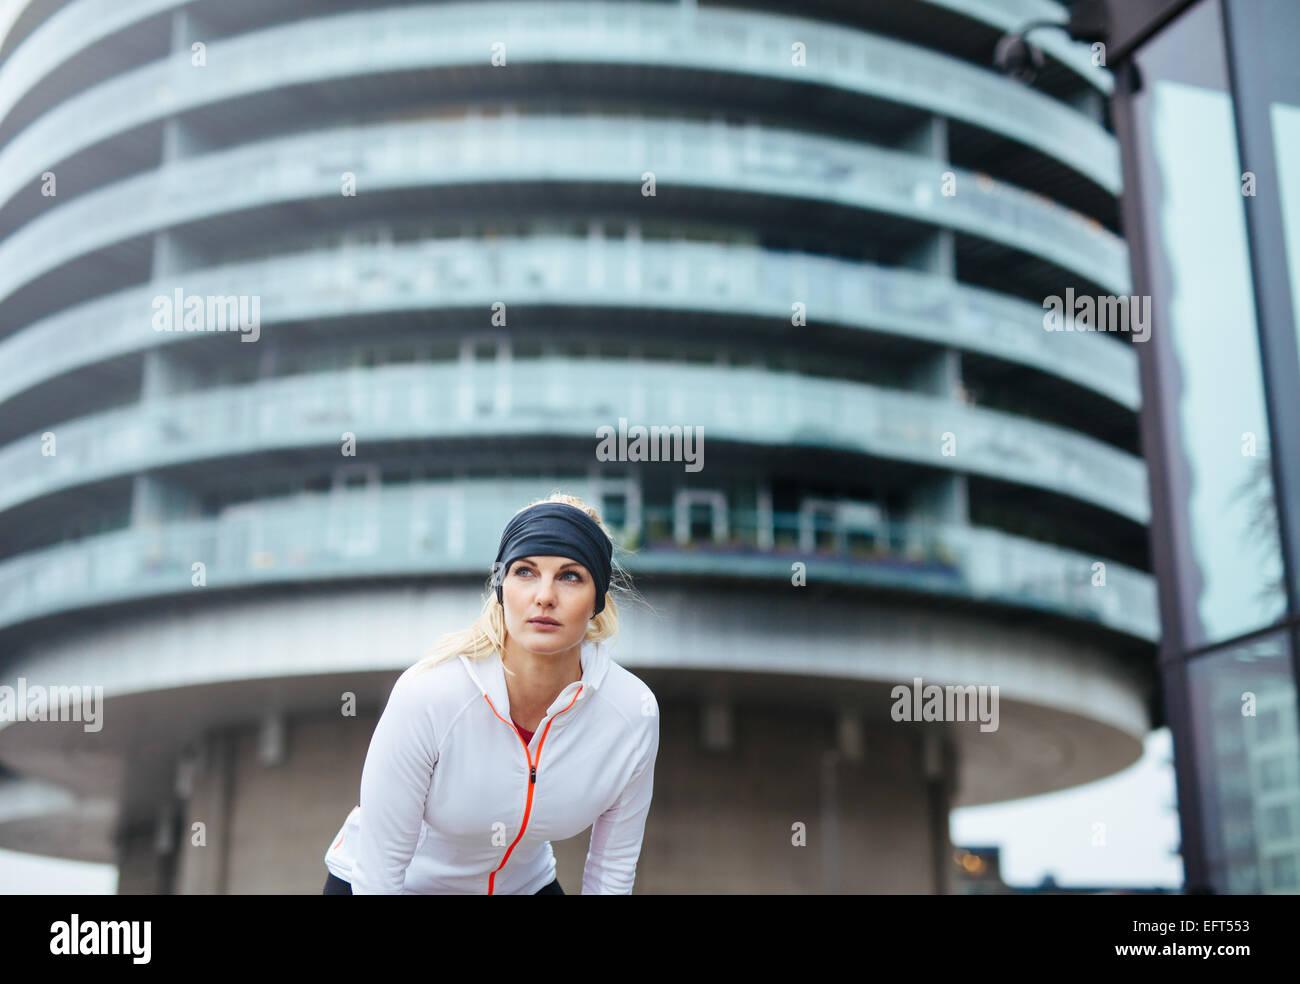 Atleta tras un breve descanso de correr. Las hembras jóvenes de ejercer en las calles de la ciudad. Imagen De Stock